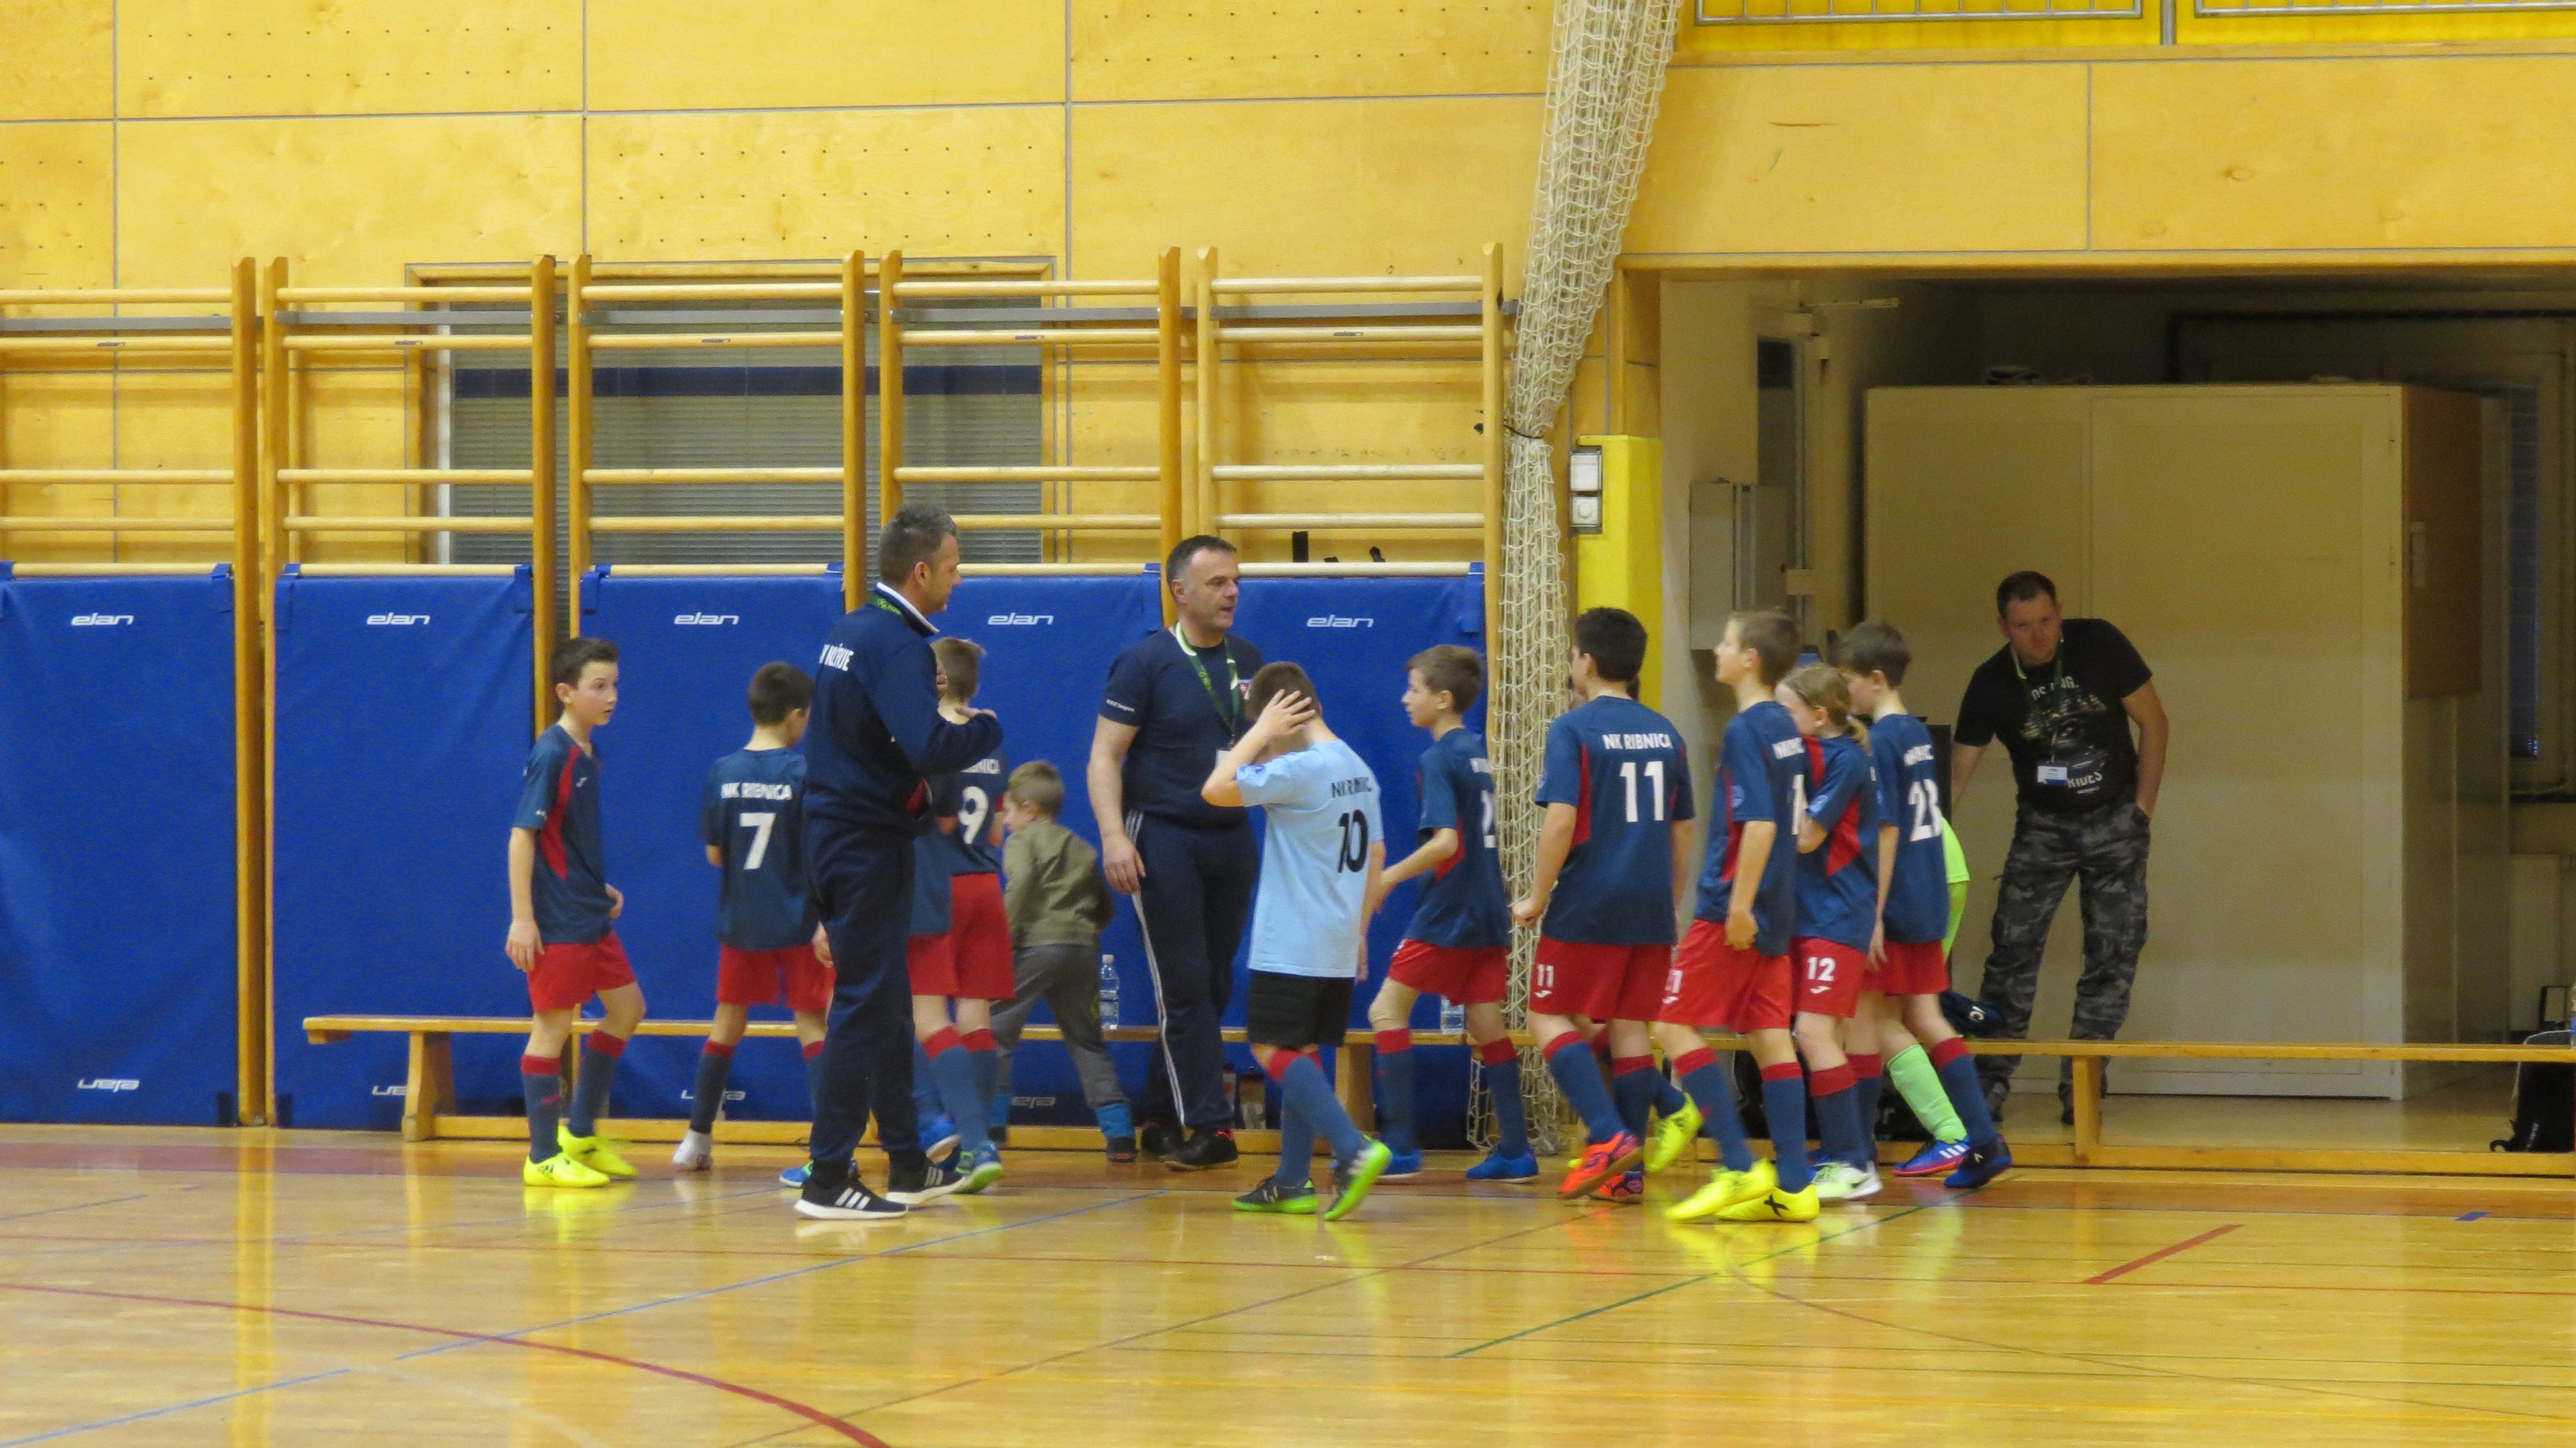 Odigrane četrtfinalne tekme državnega prvenstva FUTSAL U13